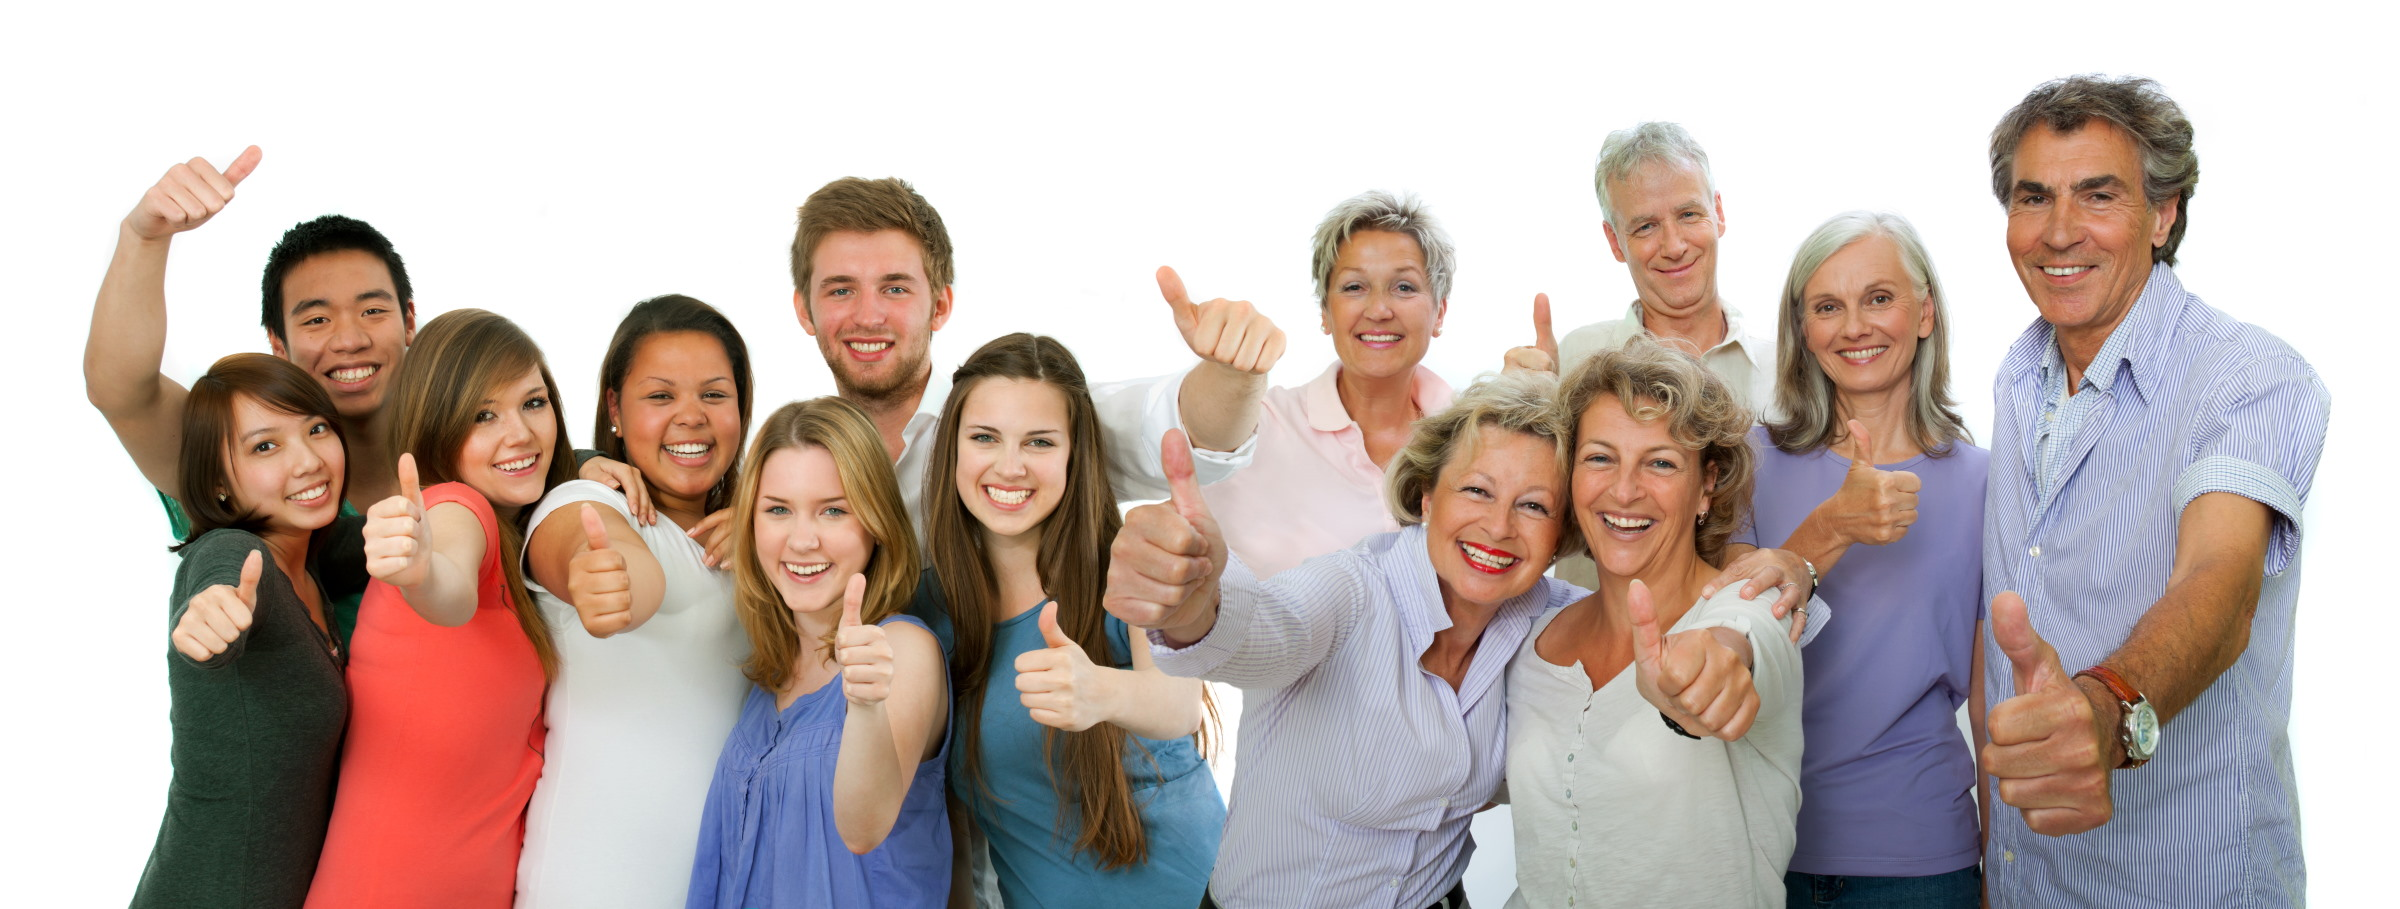 Colorado Health Insurance Brokers Clients